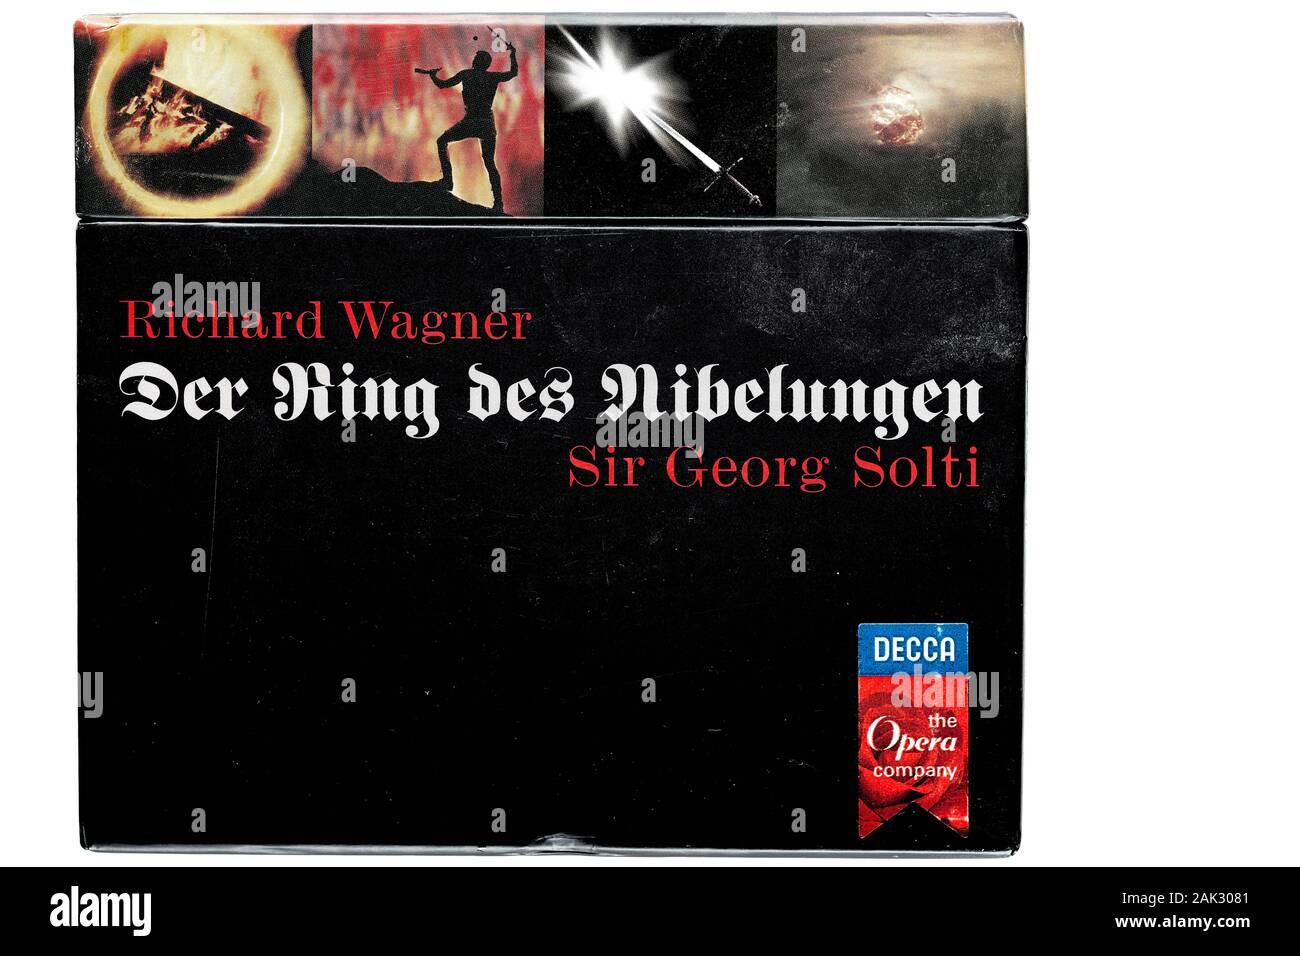 Cubierta de la música histórica grabación en CD del ciclo del Anillo de Wagner compositor interpretadas por la Orquesta Filarmónica de Viena conductor bajo Solti. Foto de stock